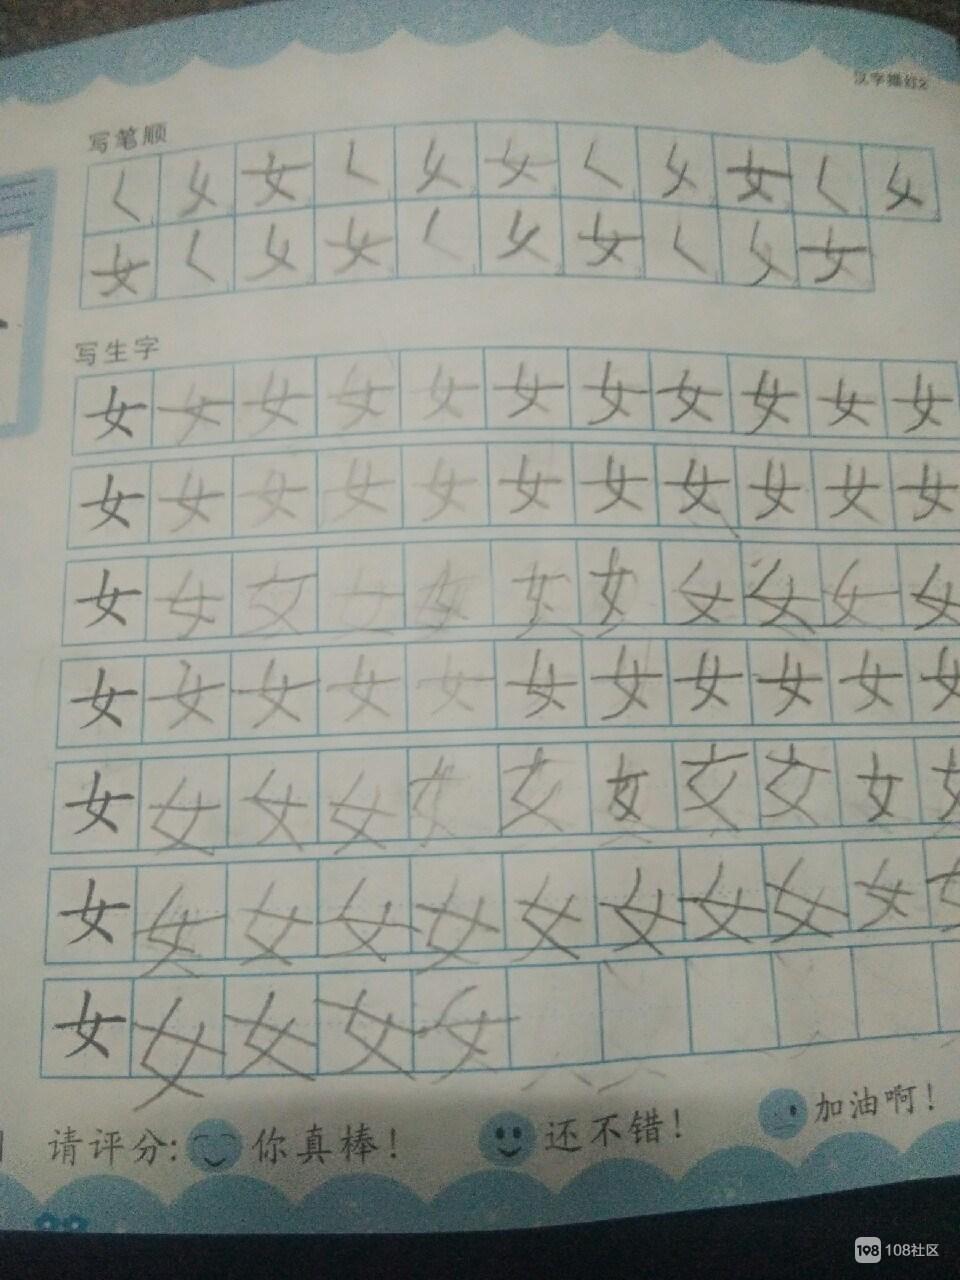 瓷都5岁孩子就这么多作业?珠心算4页还加语文数学